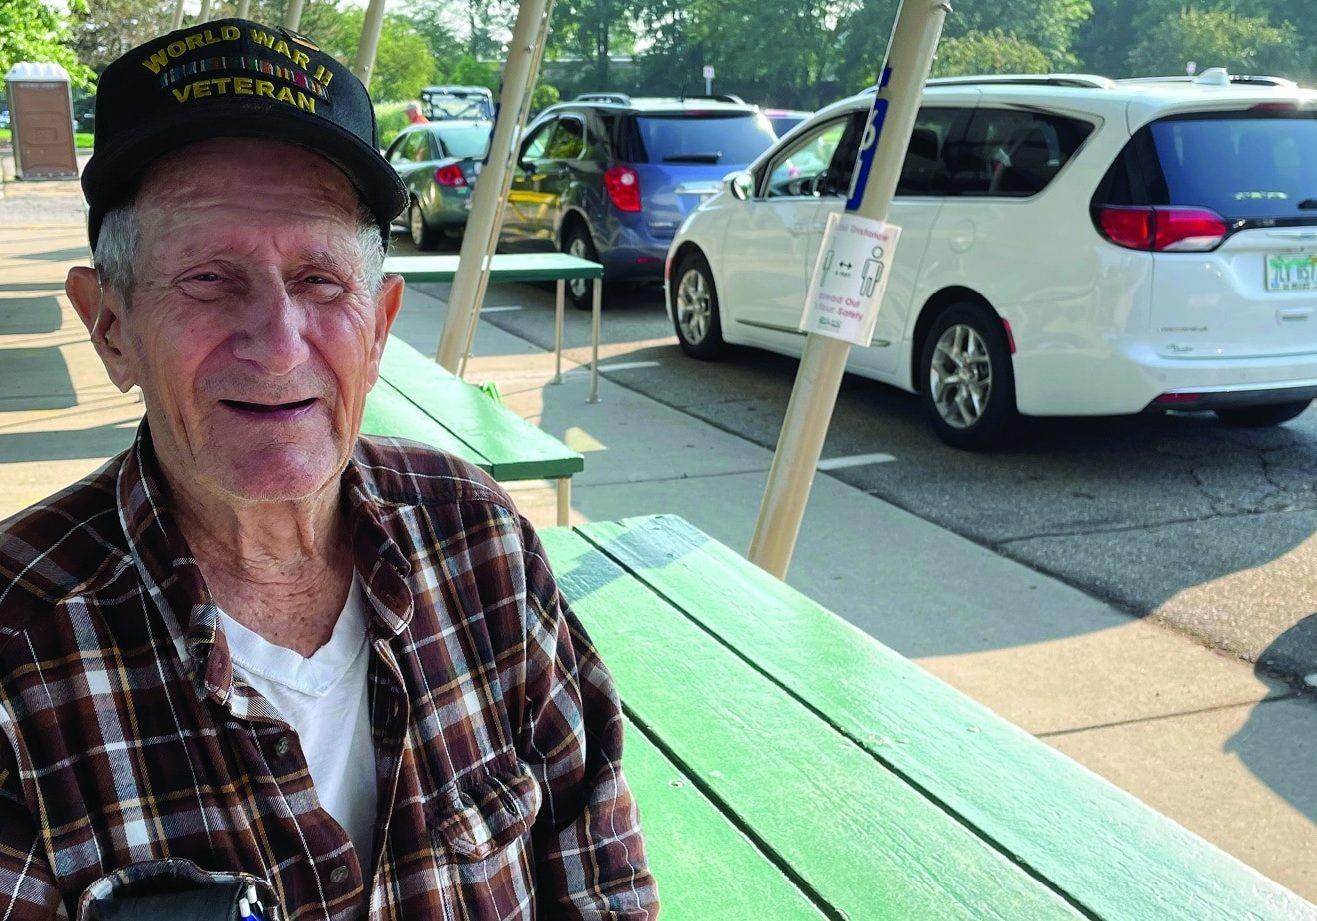 Everette WWII Veteran Dresner Blog Header Image